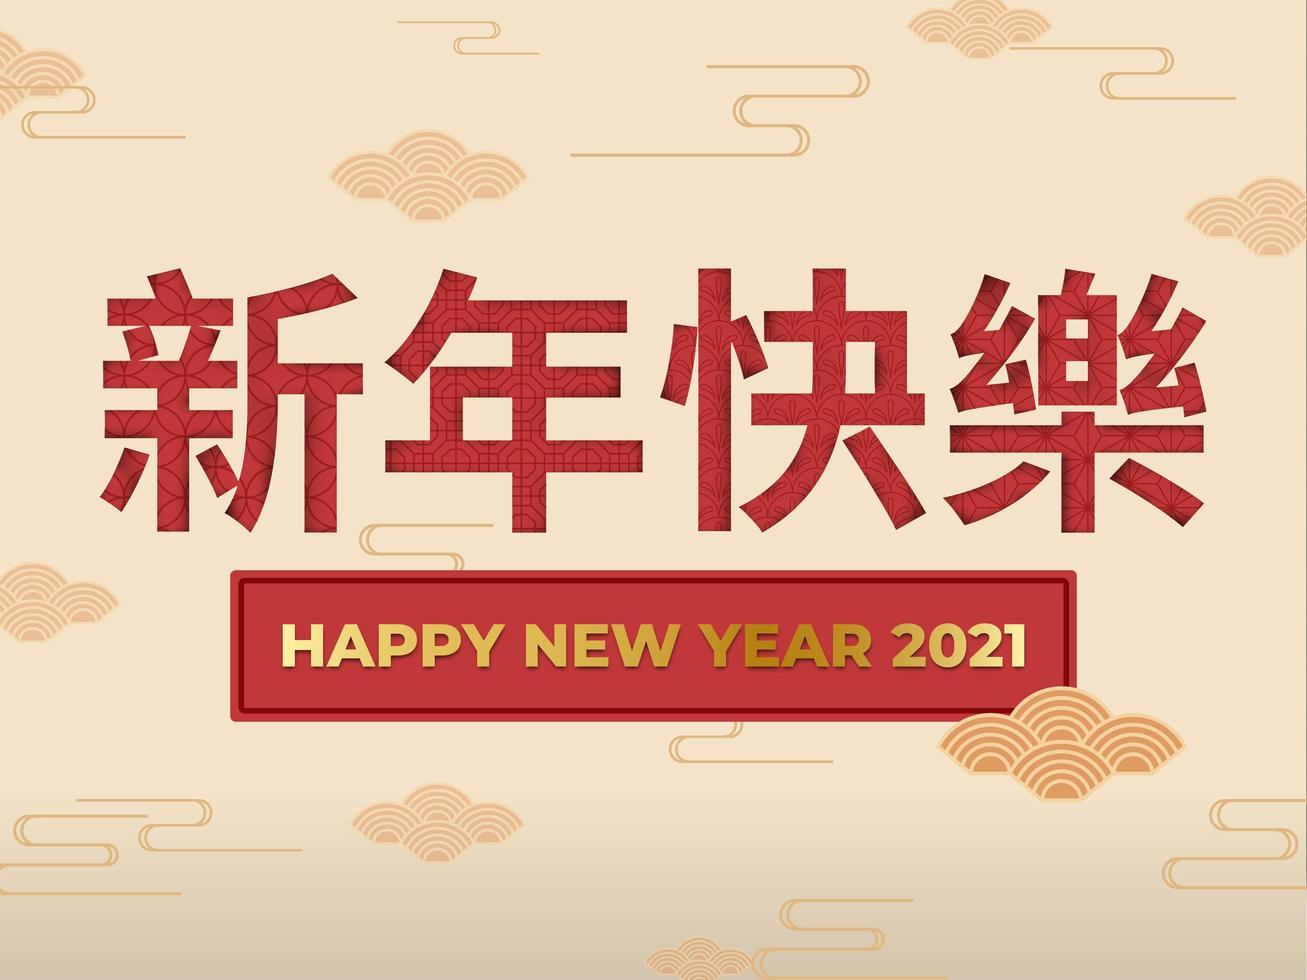 fond abstrait chinois avec étiquette de couleur rouge et décoration vecteur